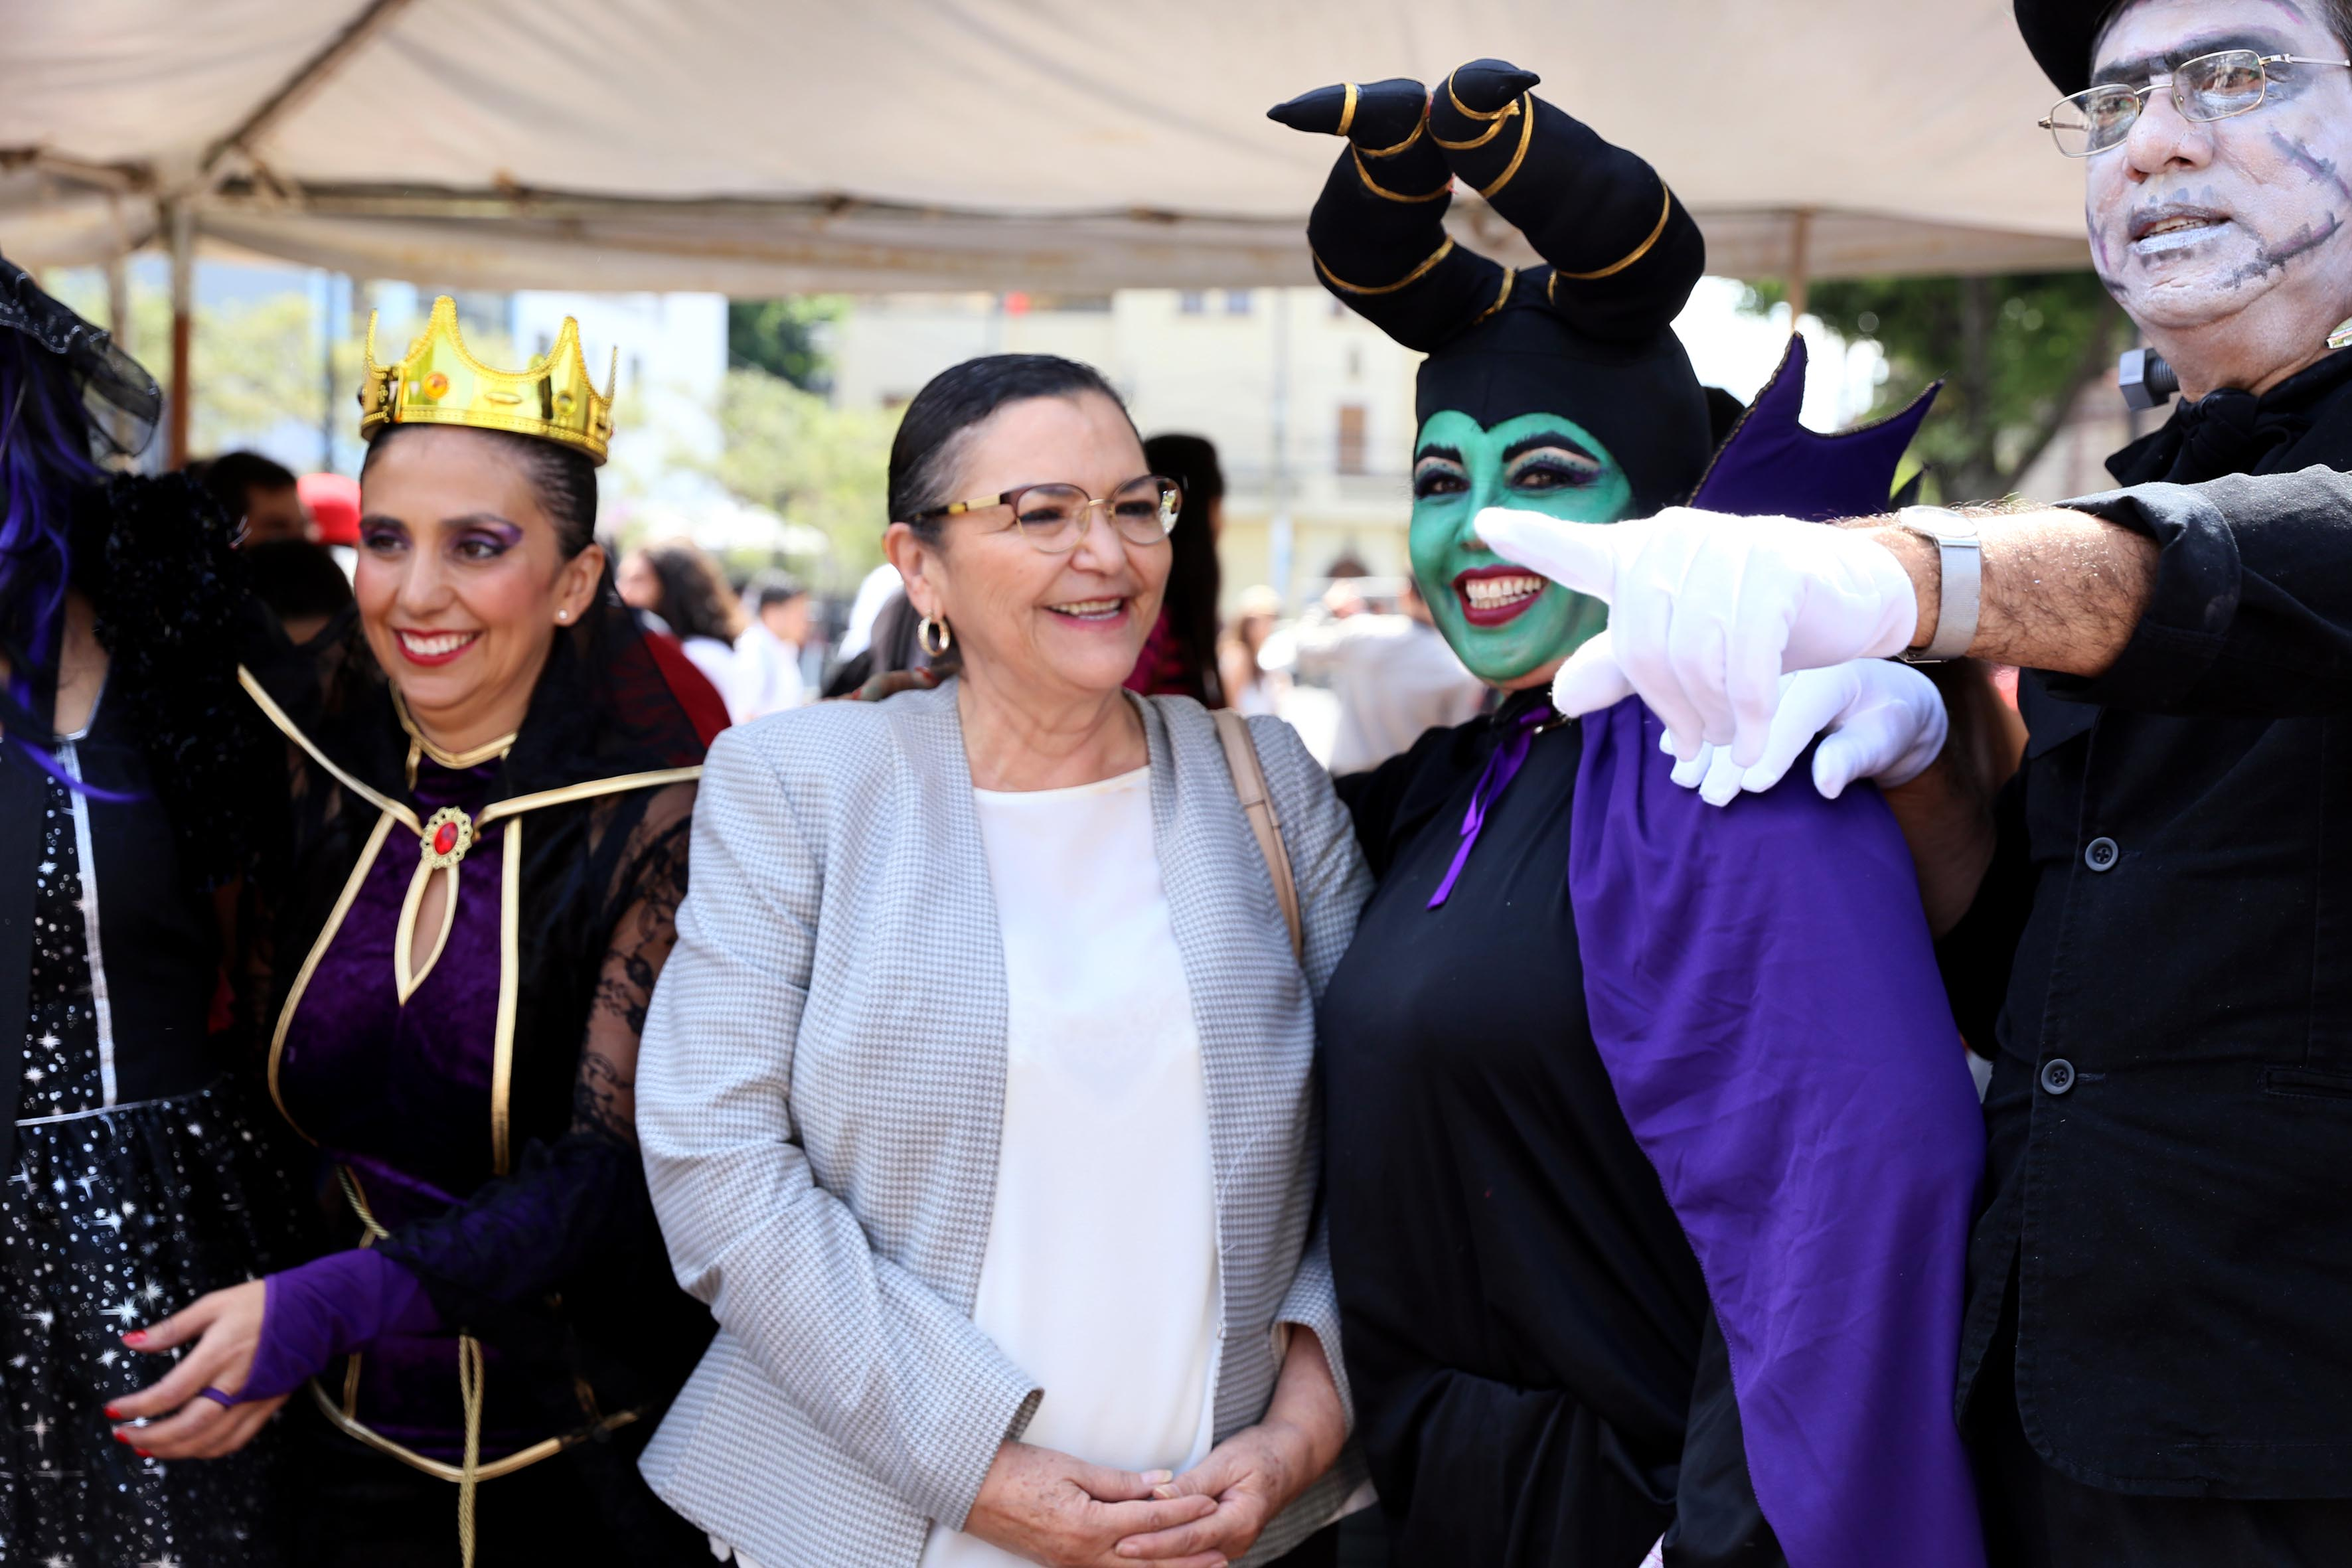 Doctora Ruth Padilla Muñoz, Rectora del CUCEI, presenciando el Aquelarre 2016